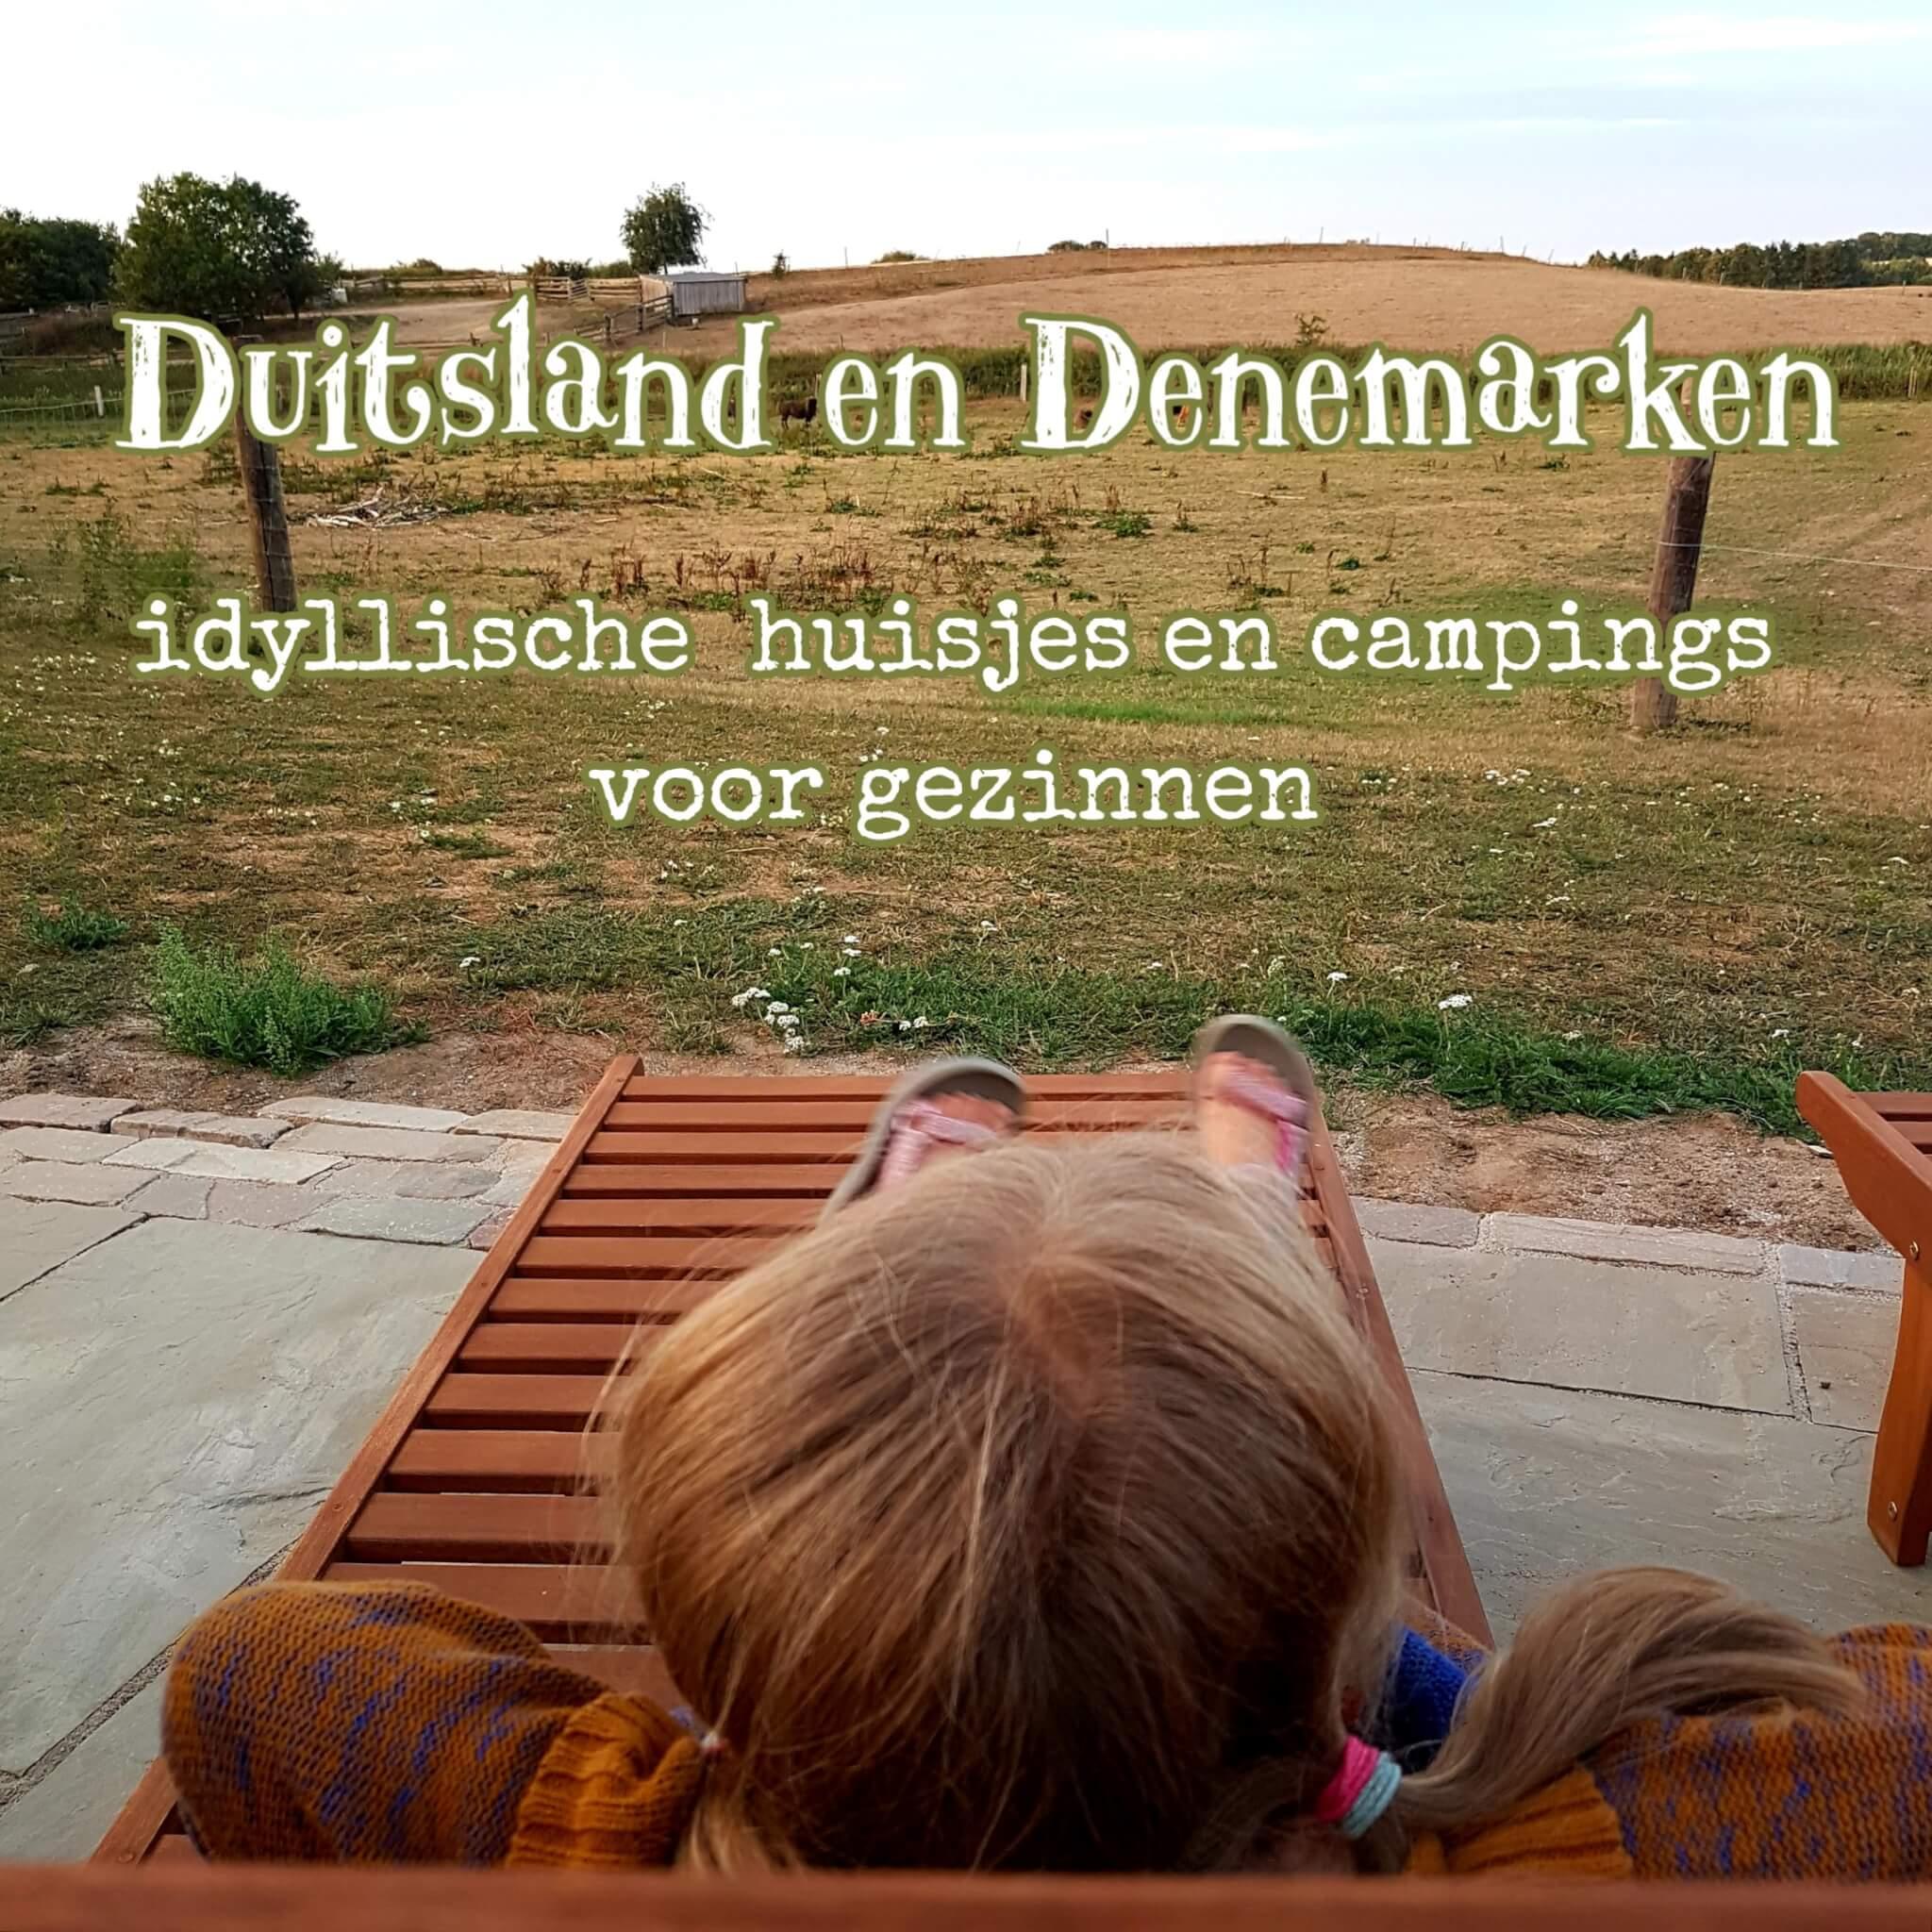 101 idyllische kindvriendelijke campings en vakantiehuisjes in Duitsland en Denemarken